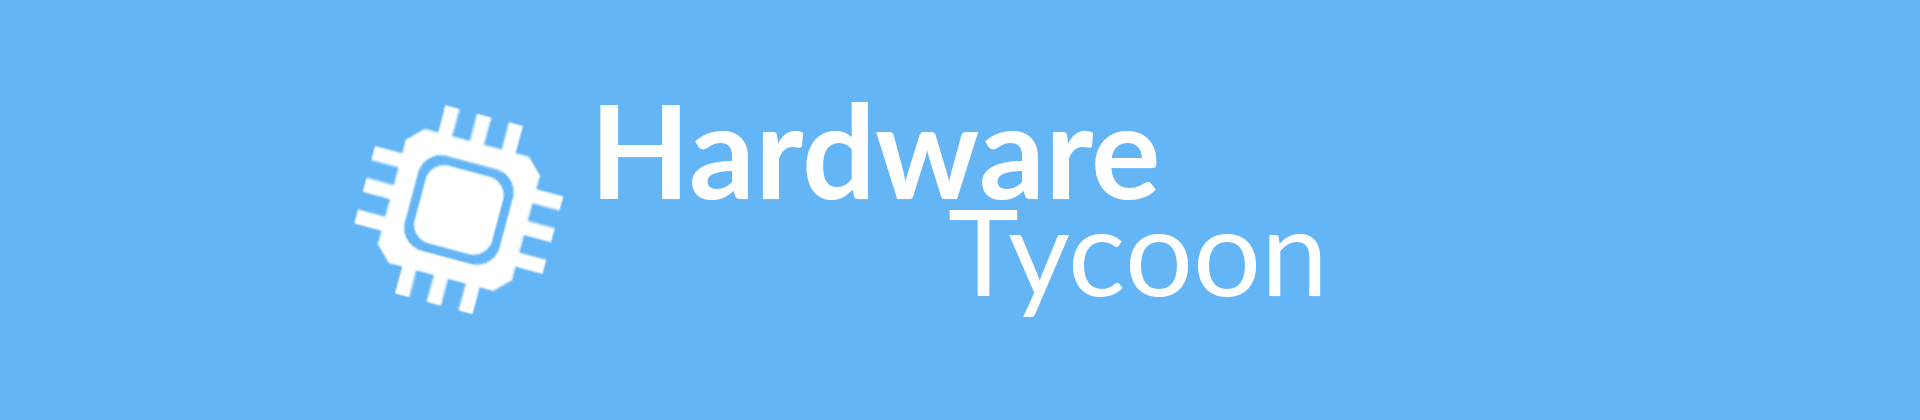 Hardware Tycoon